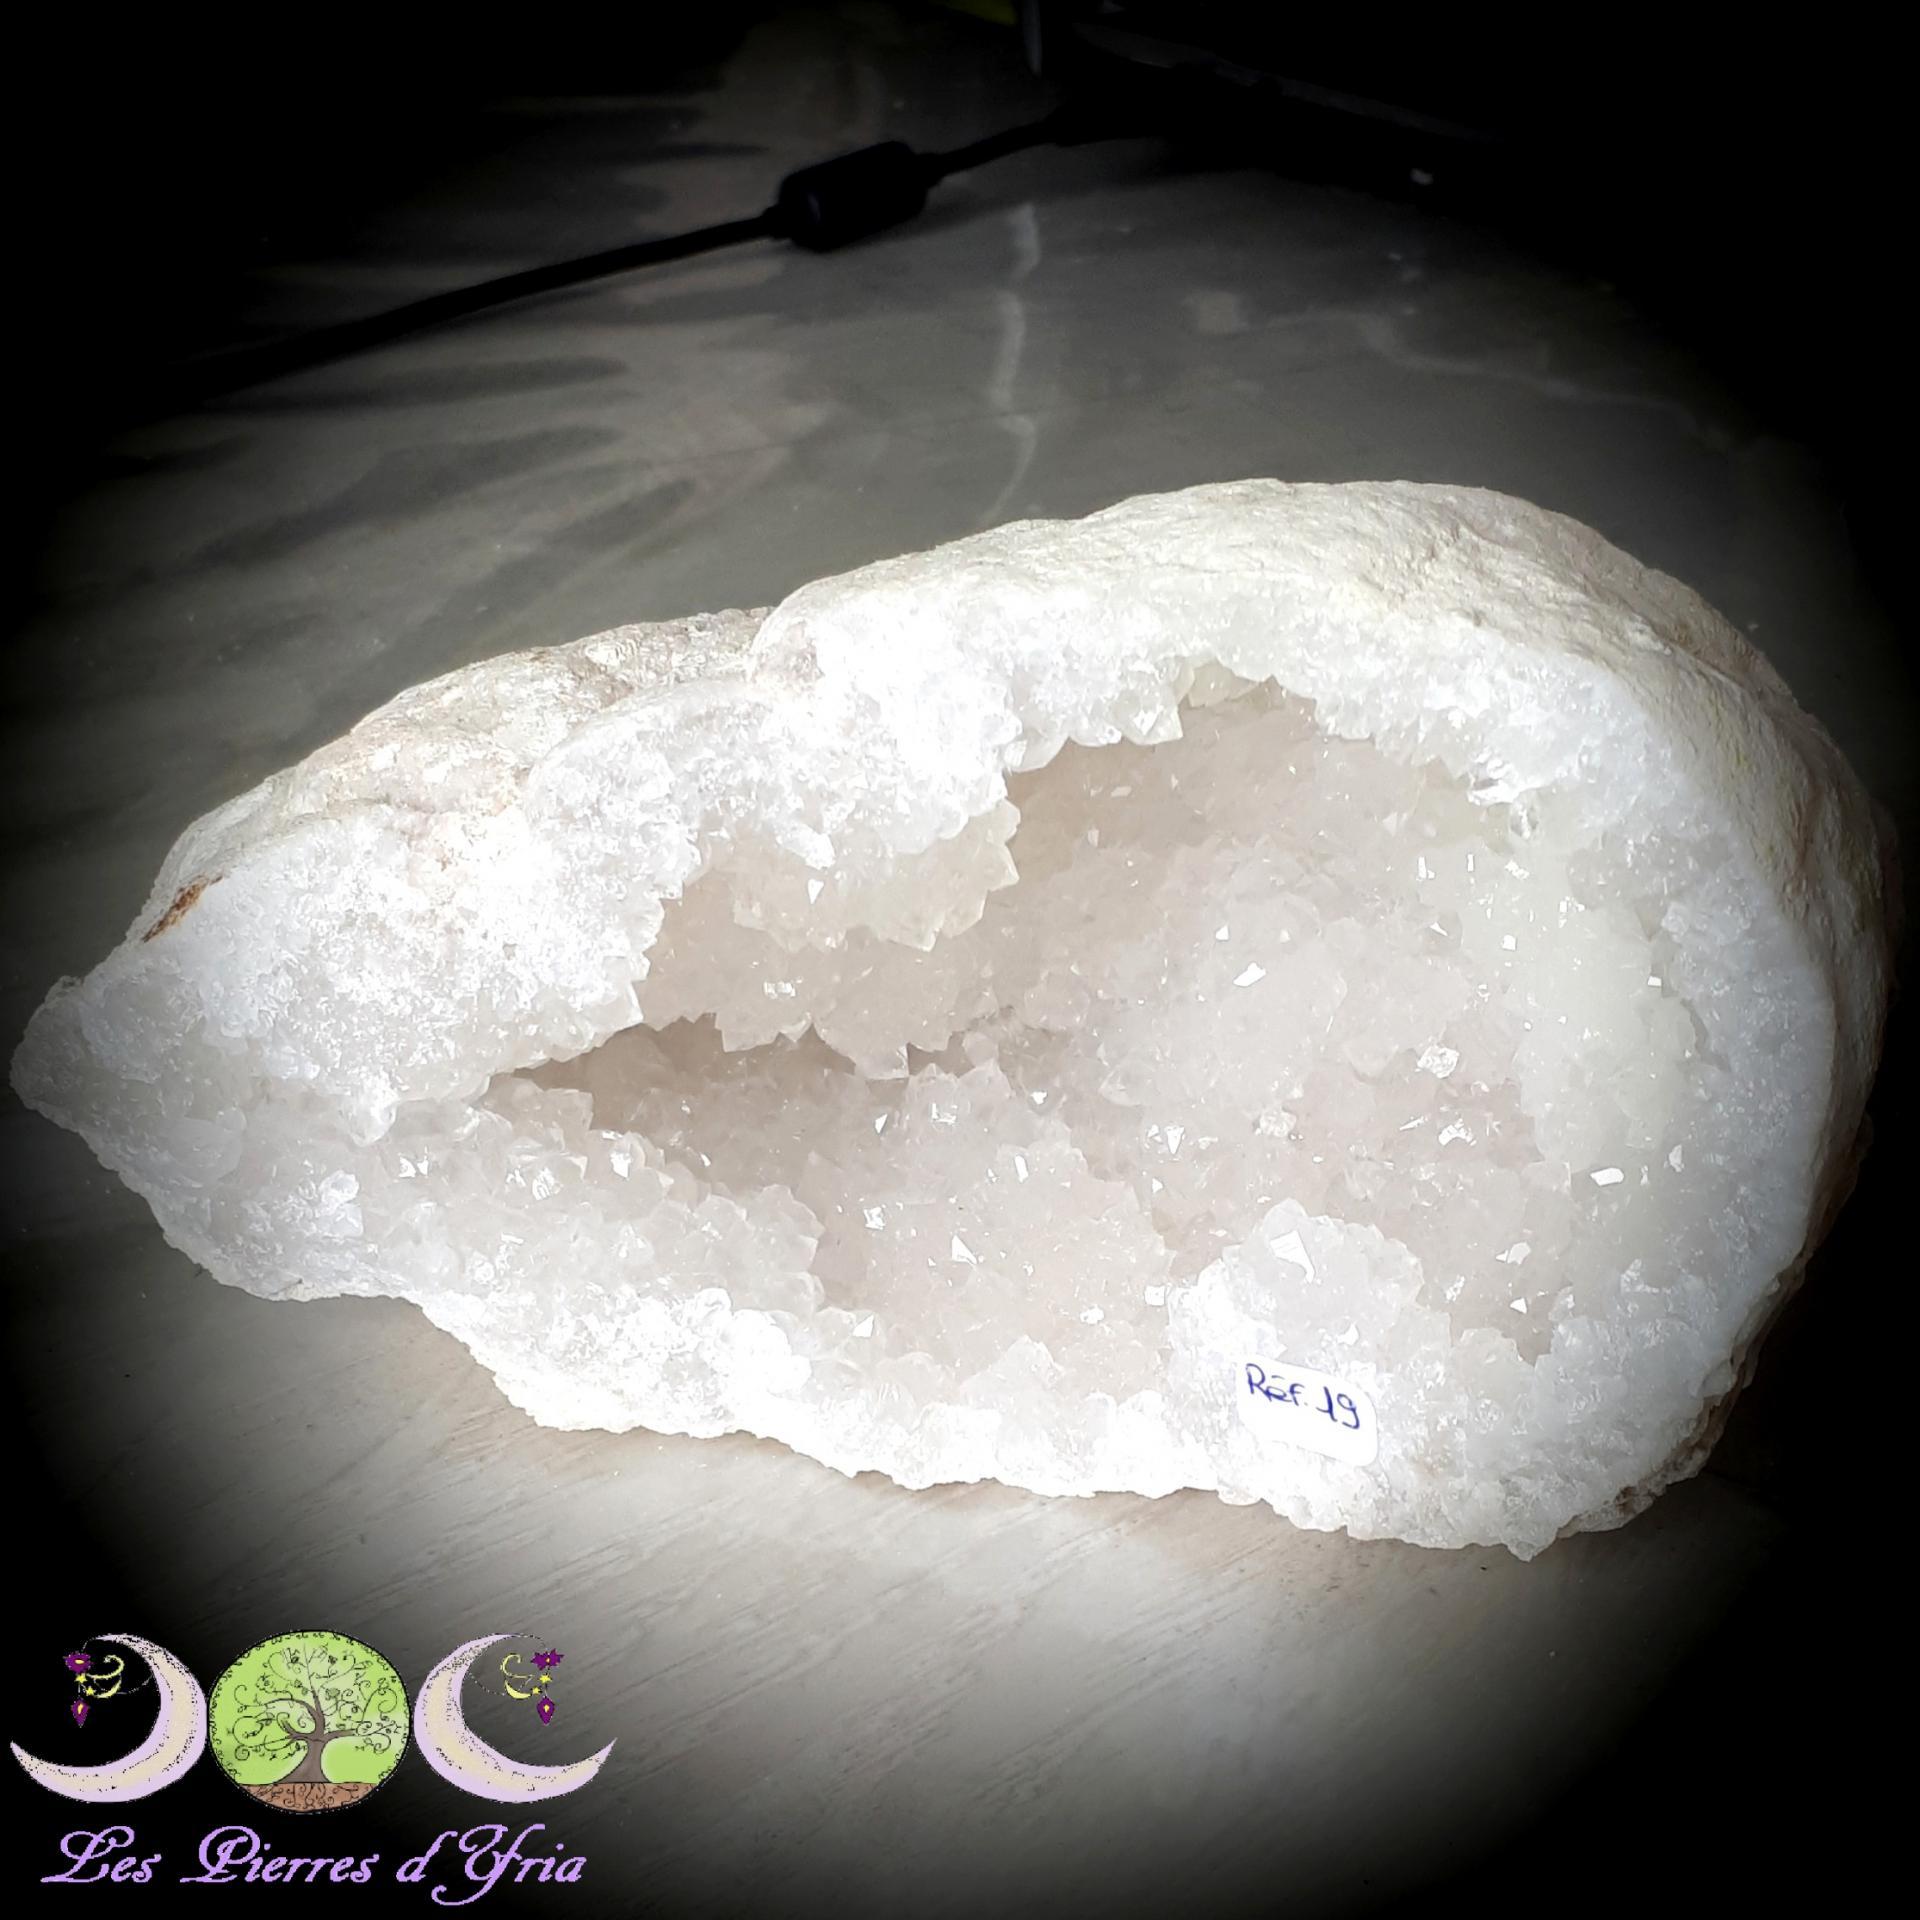 Geode r19 gf